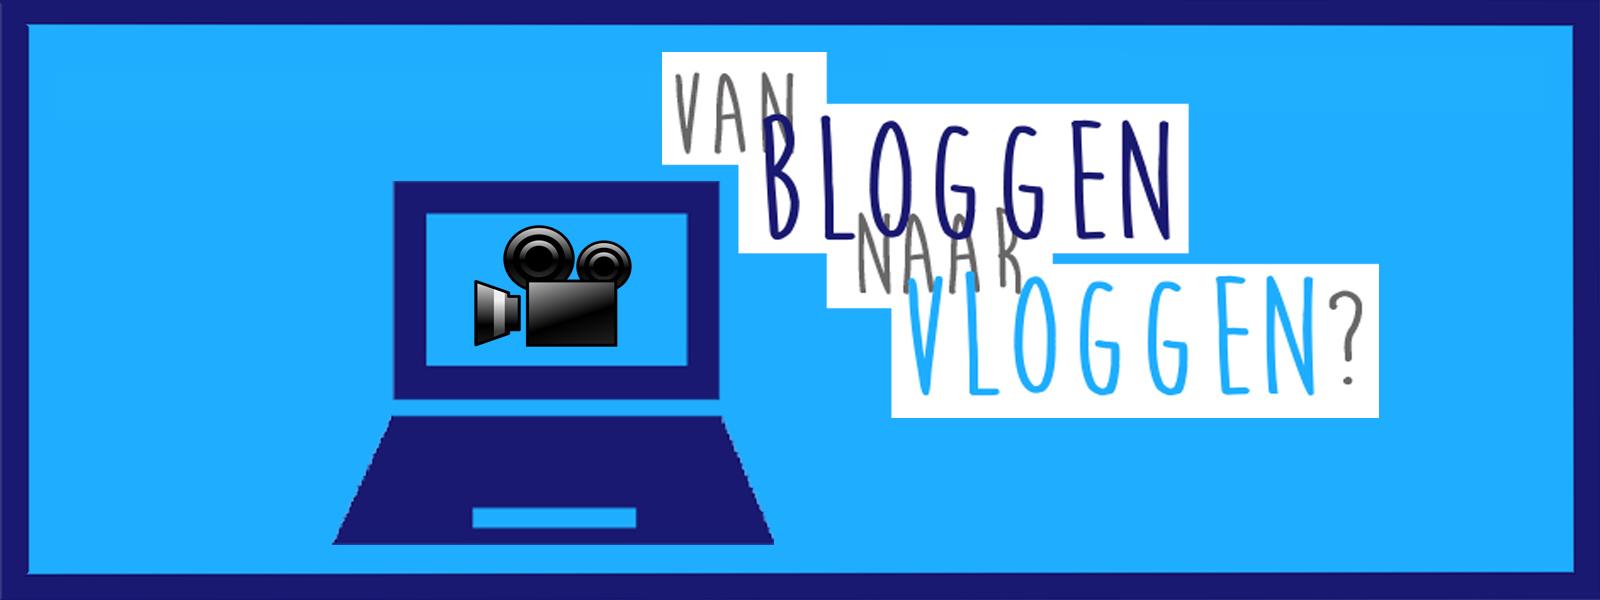 van-bloggen-naar-vloggen-kmp